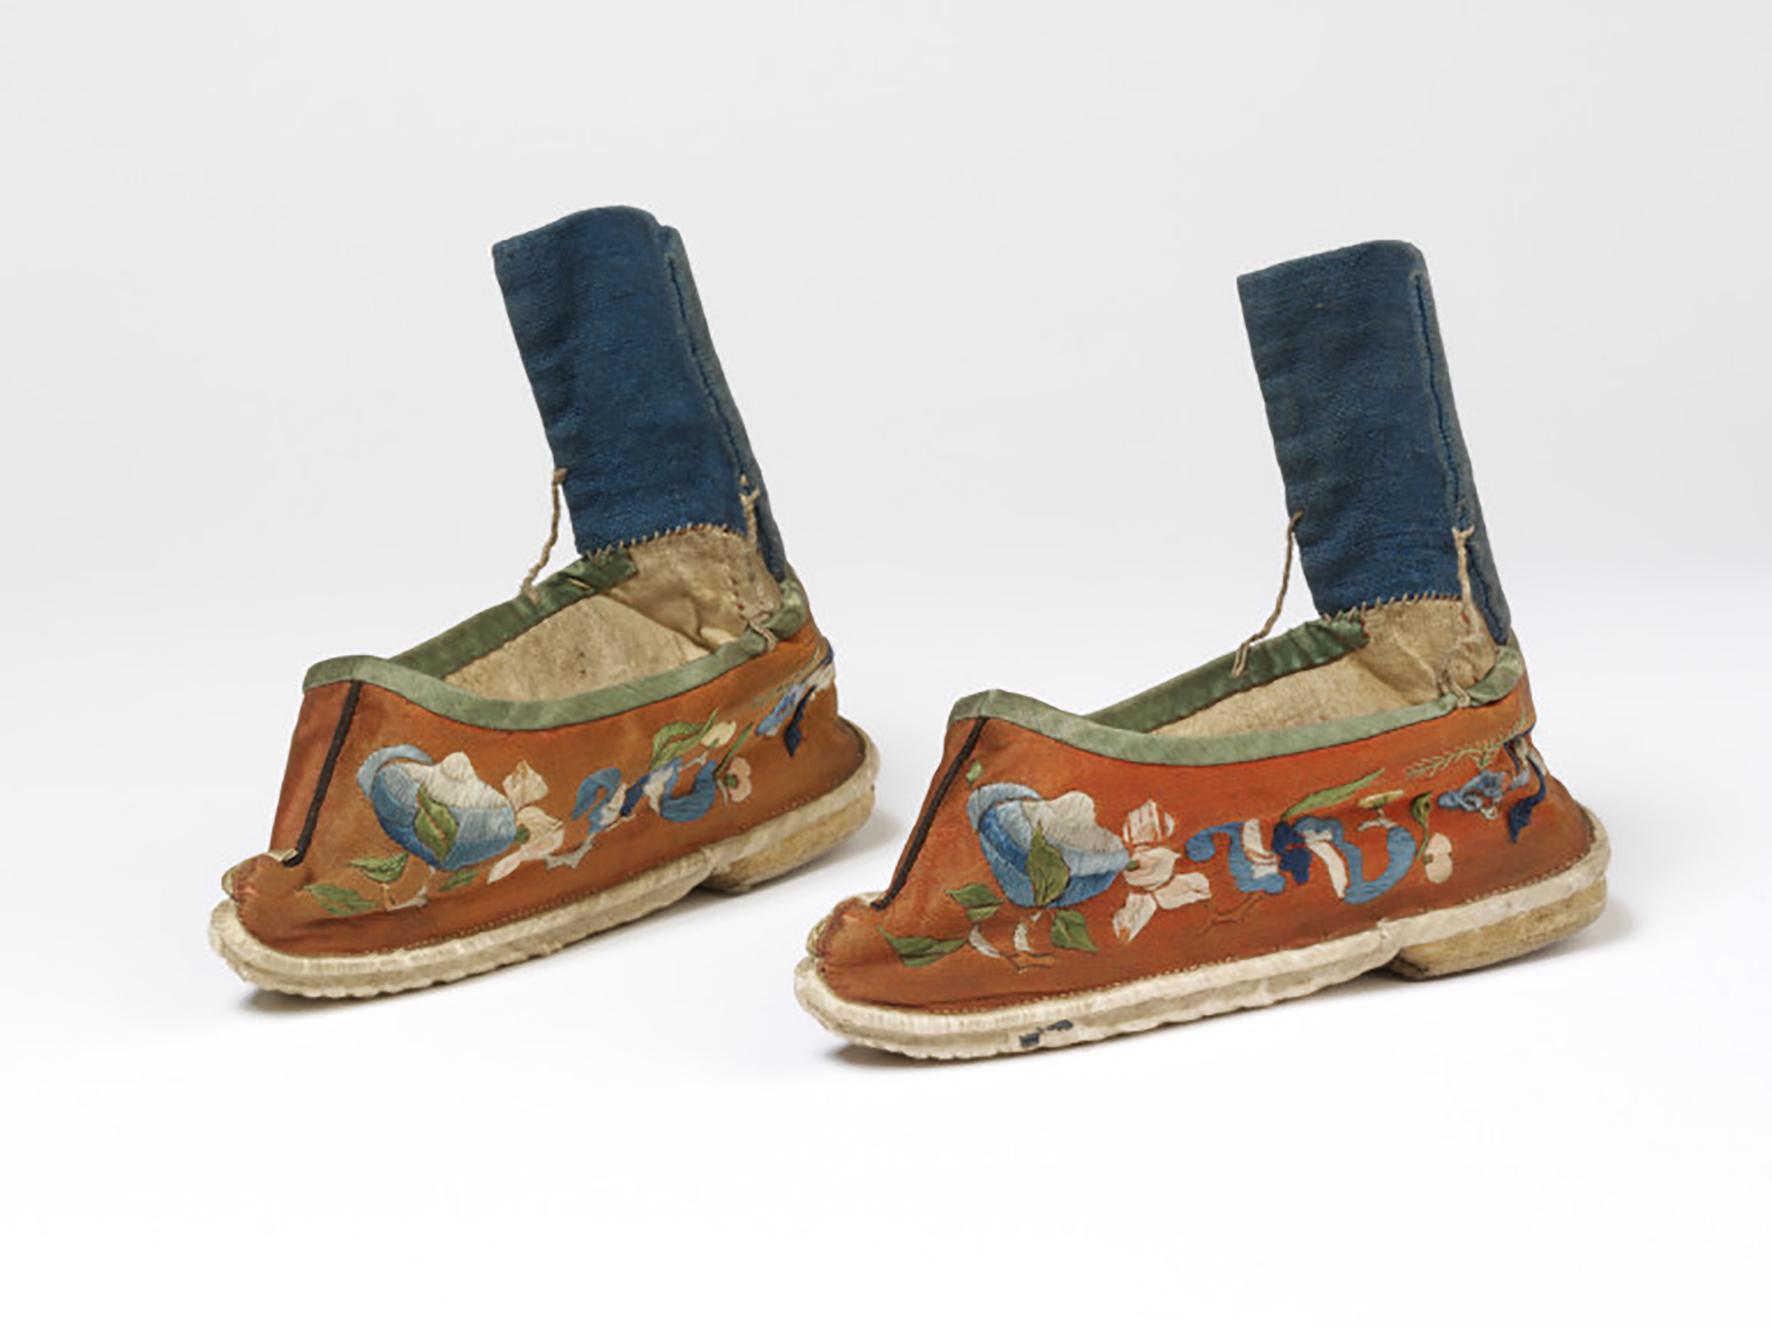 3 19世纪橙色地福寿纹绣花鞋 关键词-清代弓鞋;小脚鞋;三寸金.jpg